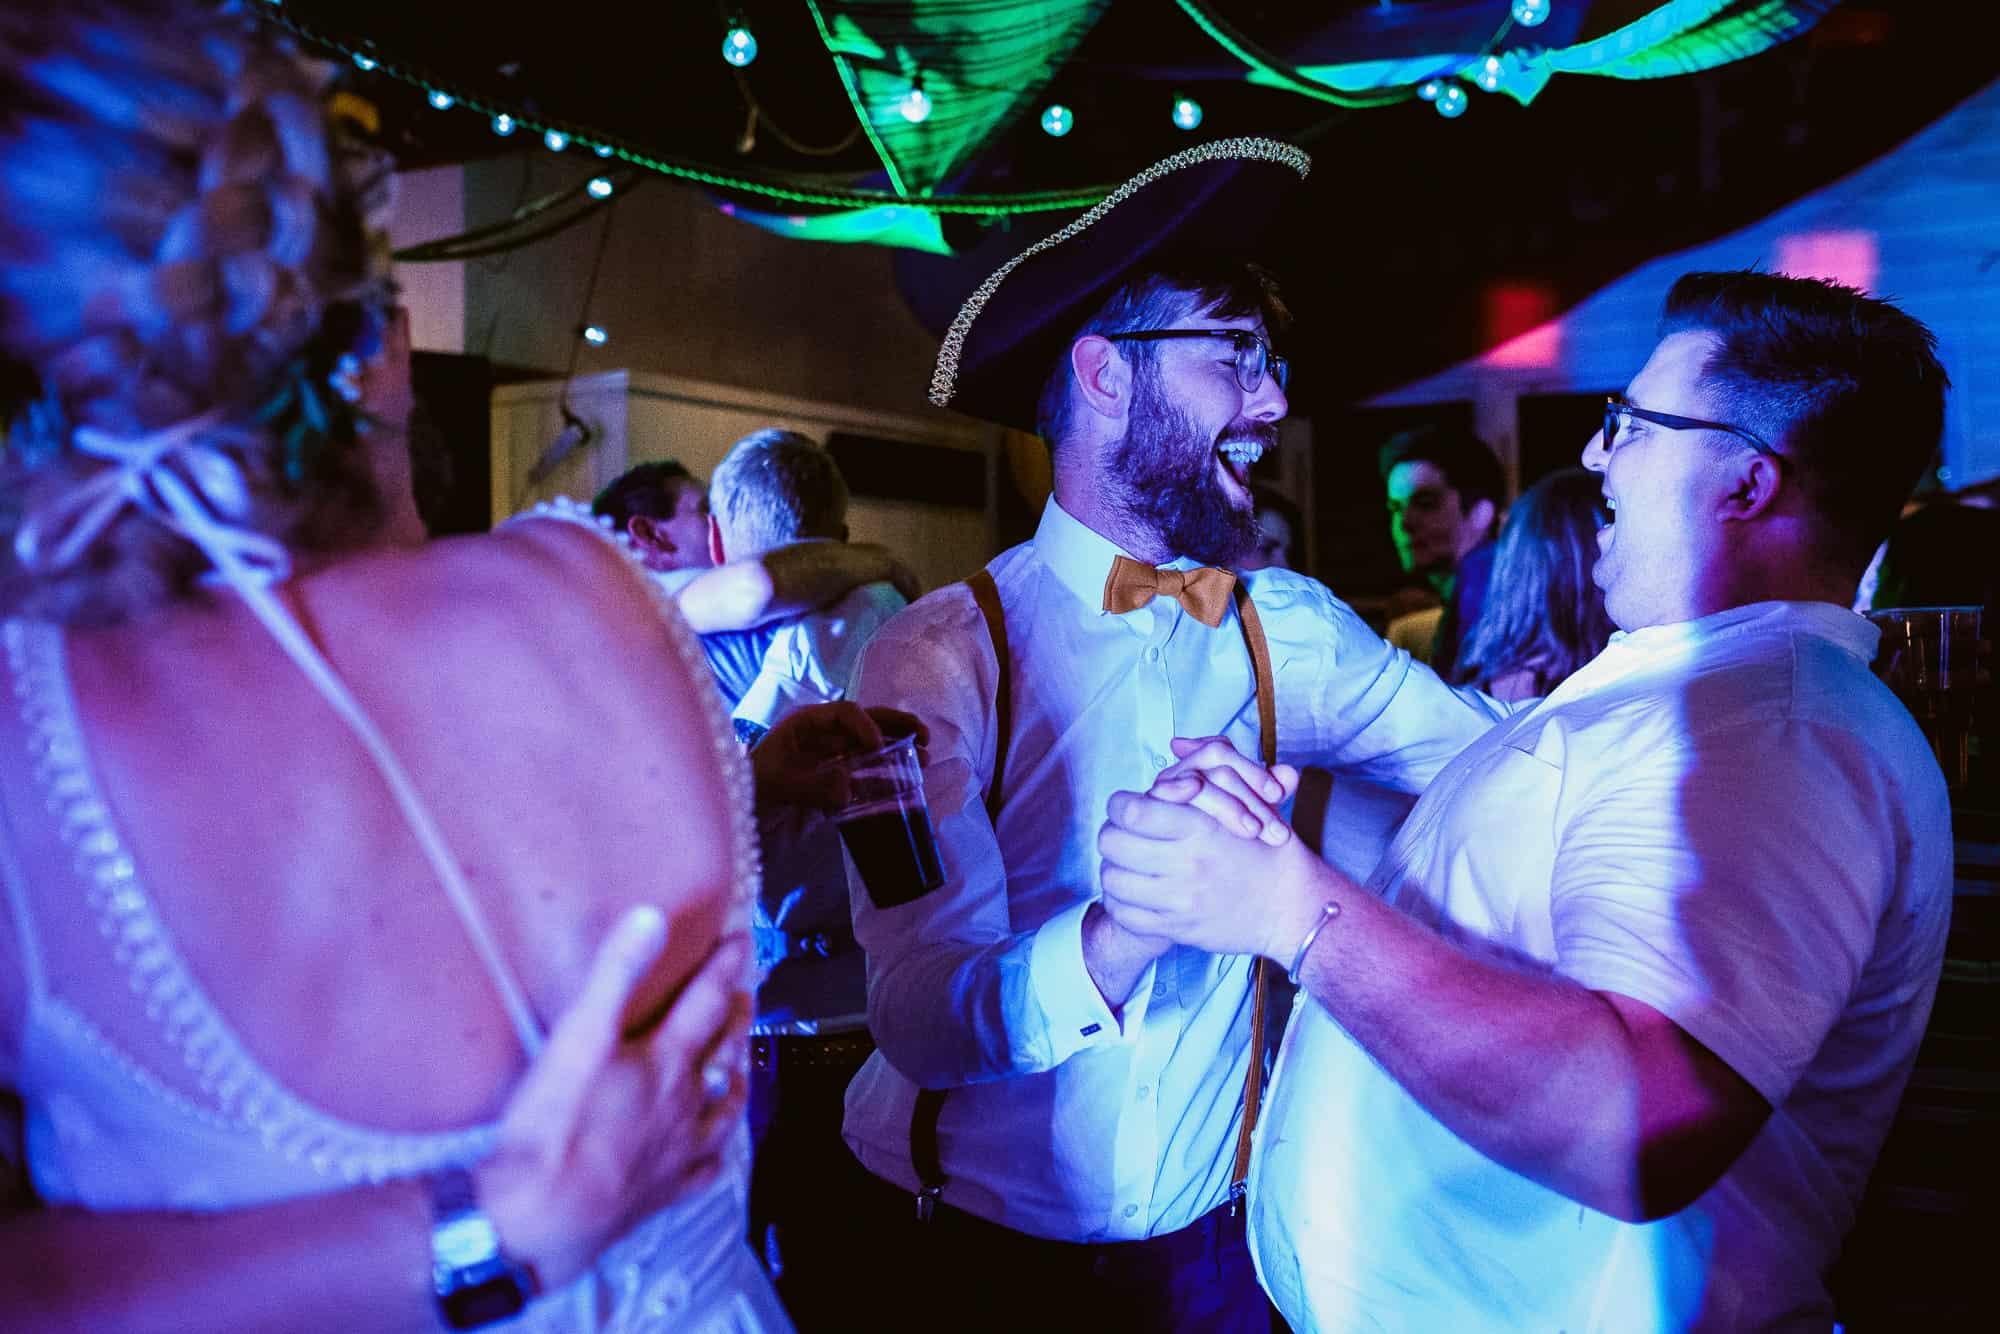 east-quay-wedding-photography-matt-tyler-0111